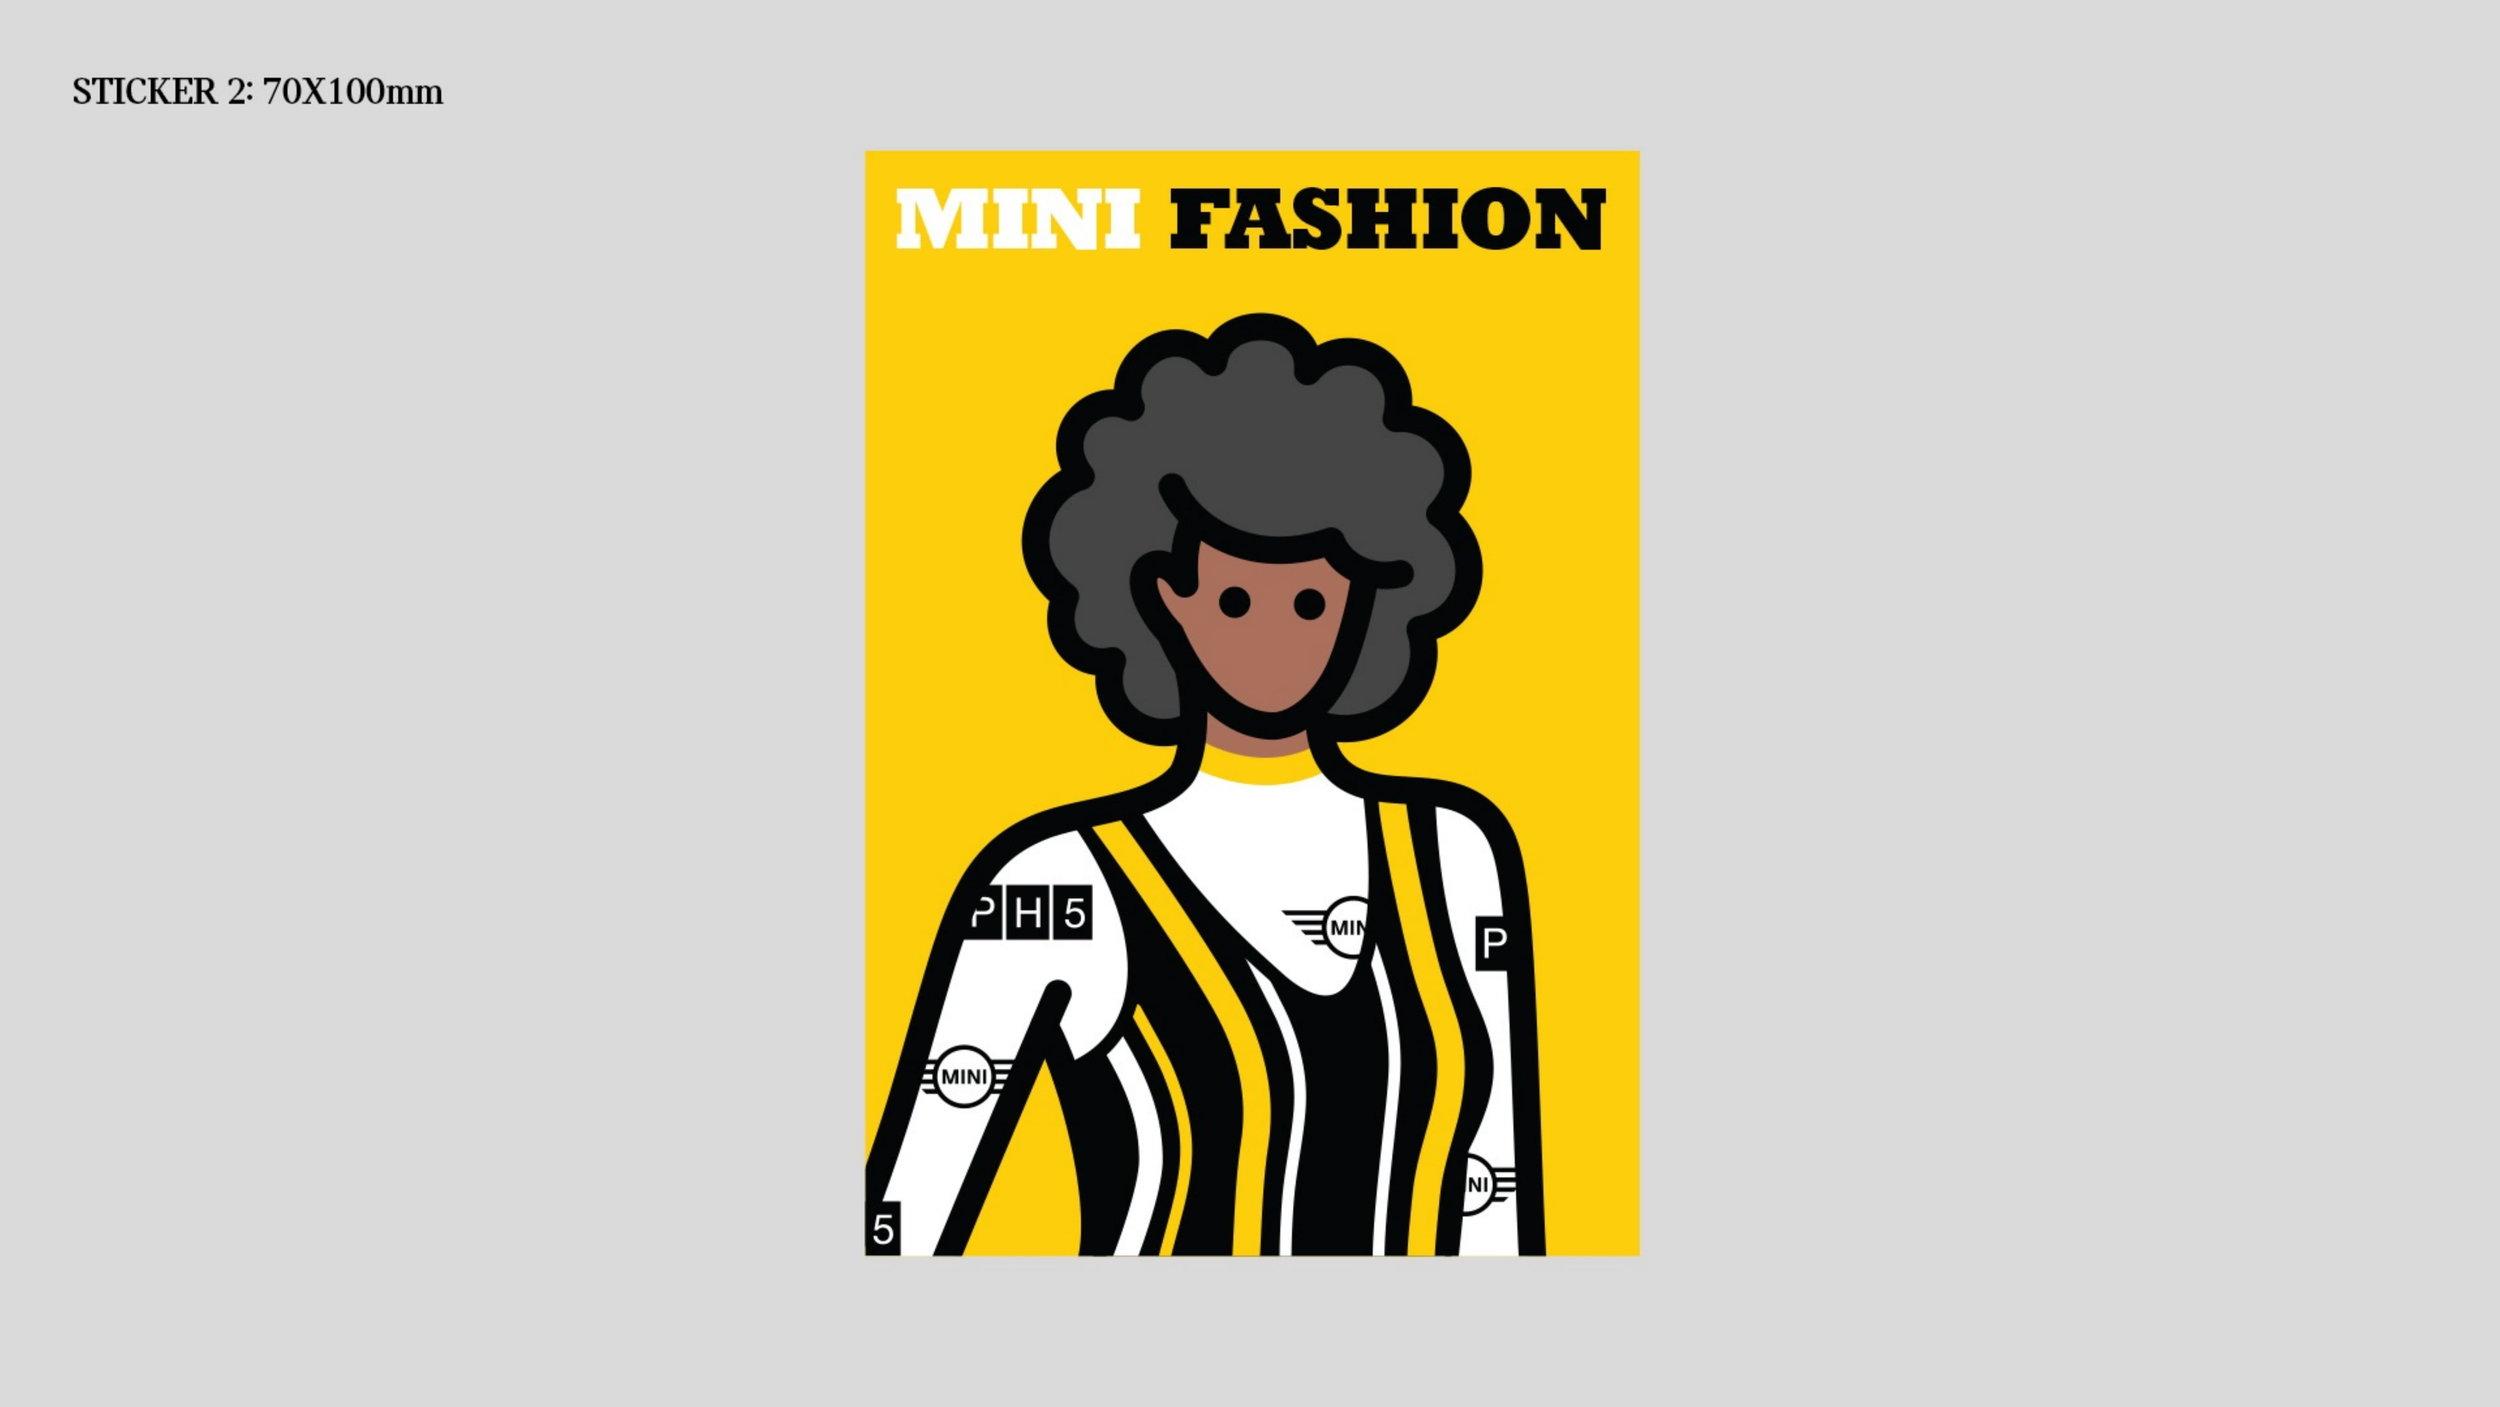 MINI_Sticker_final-04.jpg